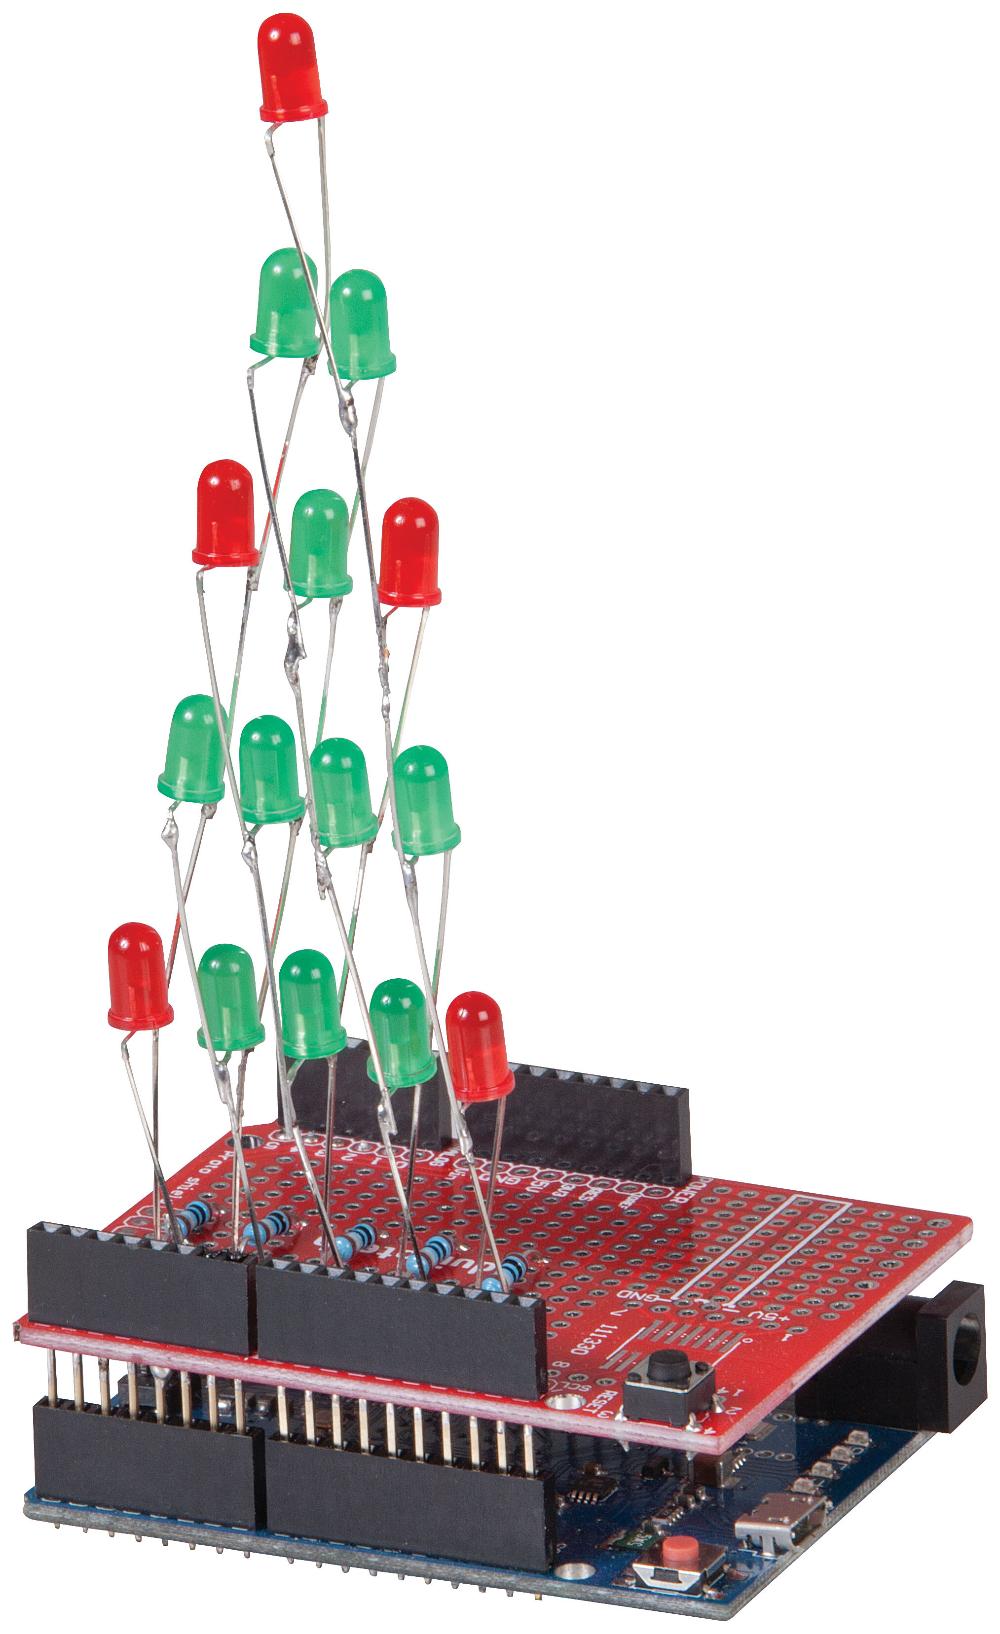 LED Christmas Tree   Jaycar Electronics New Zealand in ...